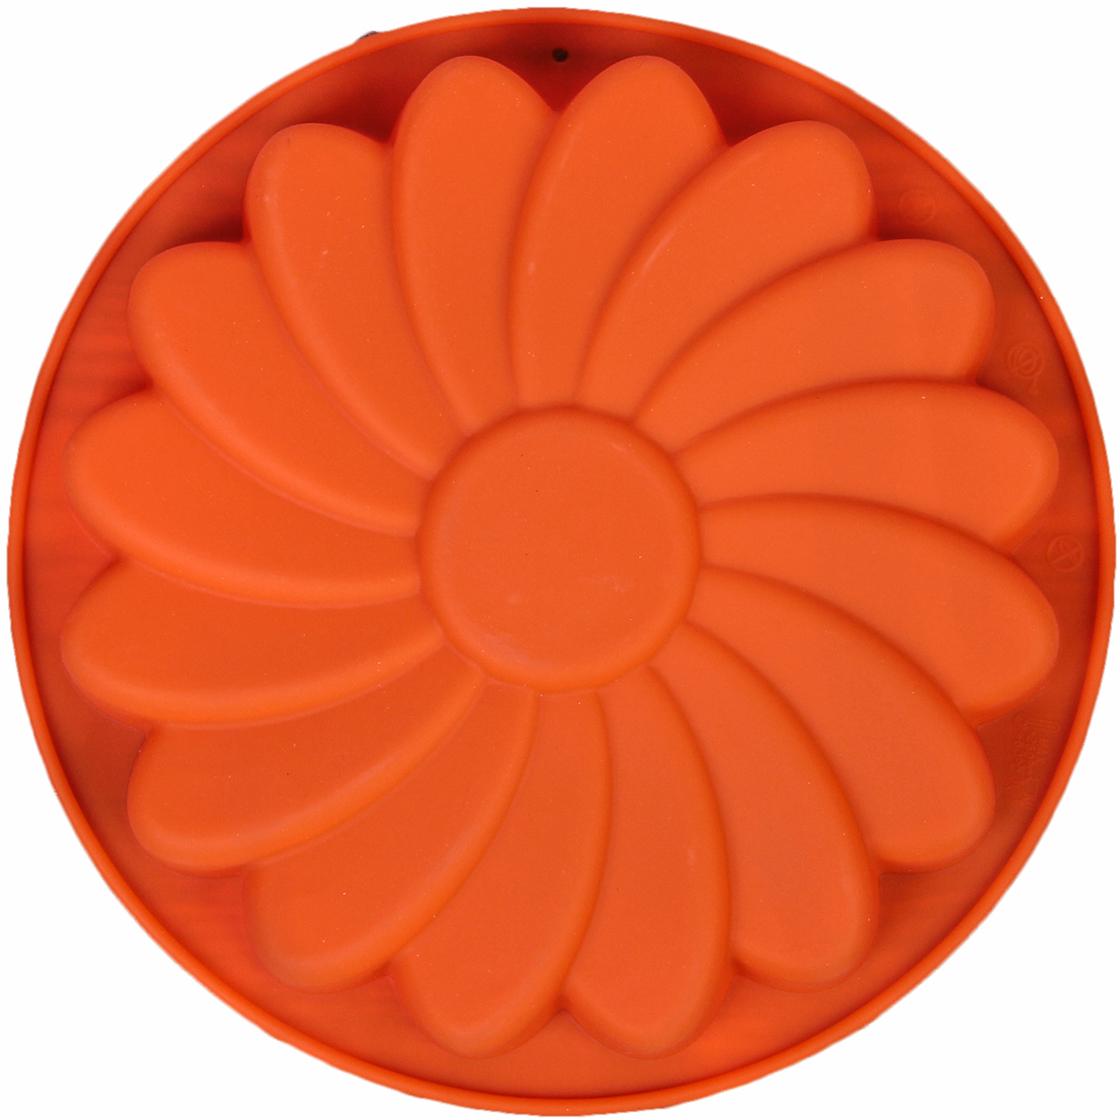 Форма для выпечки Доляна Ромашка, цвет: оранжевый, 19 х 3,3 см2570354_оранжевыйОт качества посуды зависит не только вкус еды, но и здоровье человека. — товар, соответствующий российским стандартам качества. Любой хозяйке будет приятно держать его в руках. С нашей посудой и кухонной утварью приготовление еды и сервировка стола превратятся в настоящий праздник.